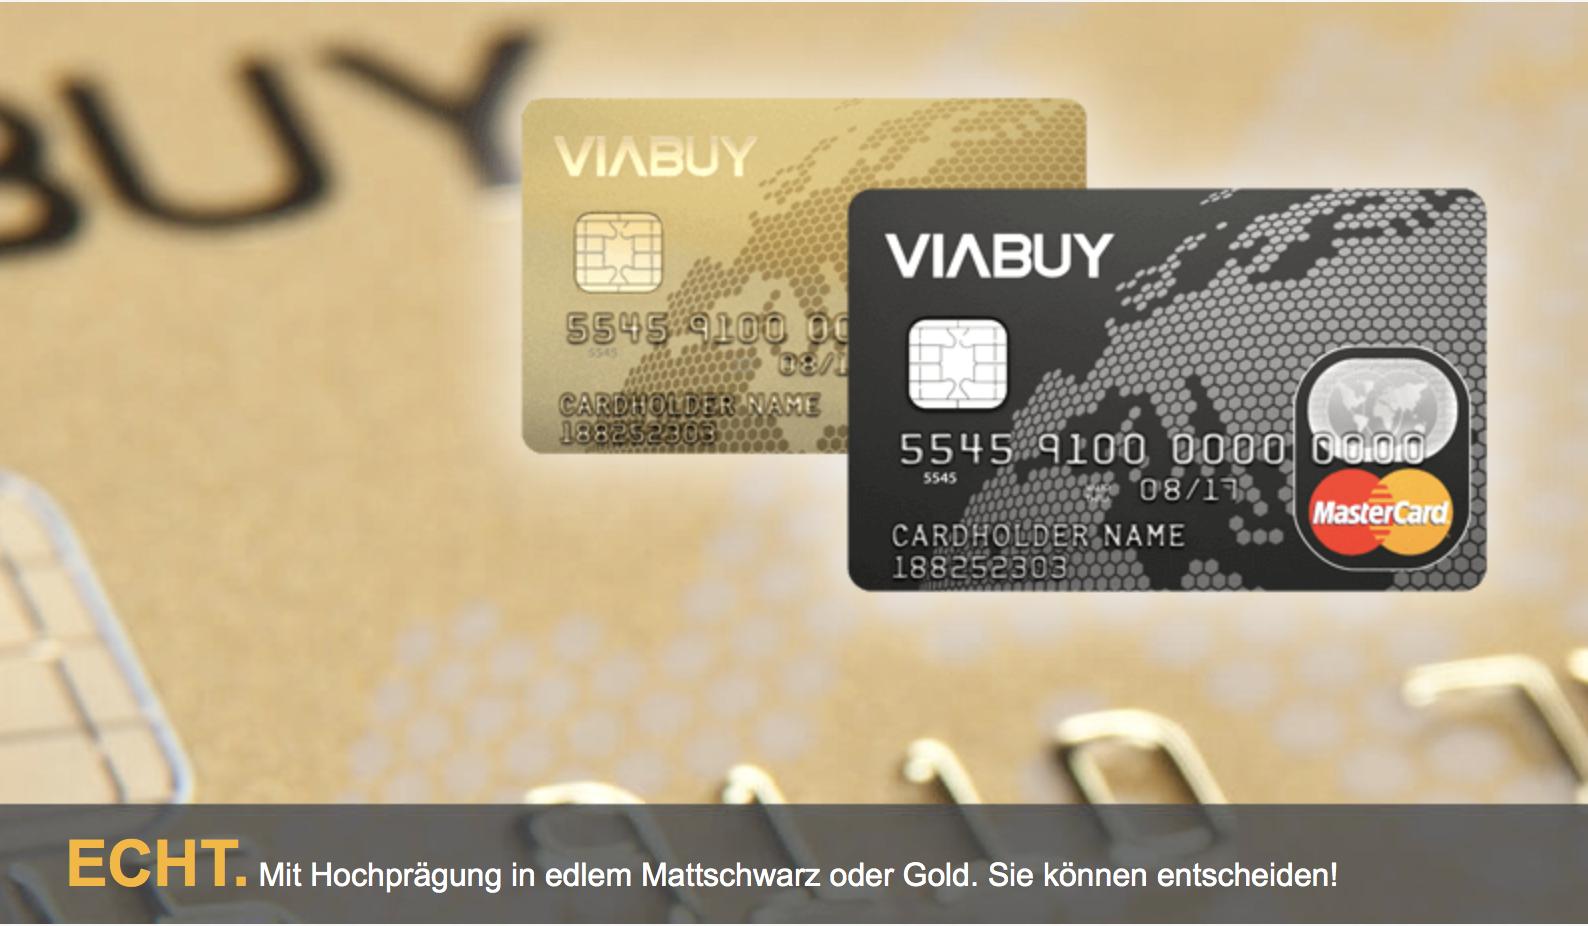 VIABUY aufladen Erfahrungen (08/18) » Jetzt VIABUY bar aufladen